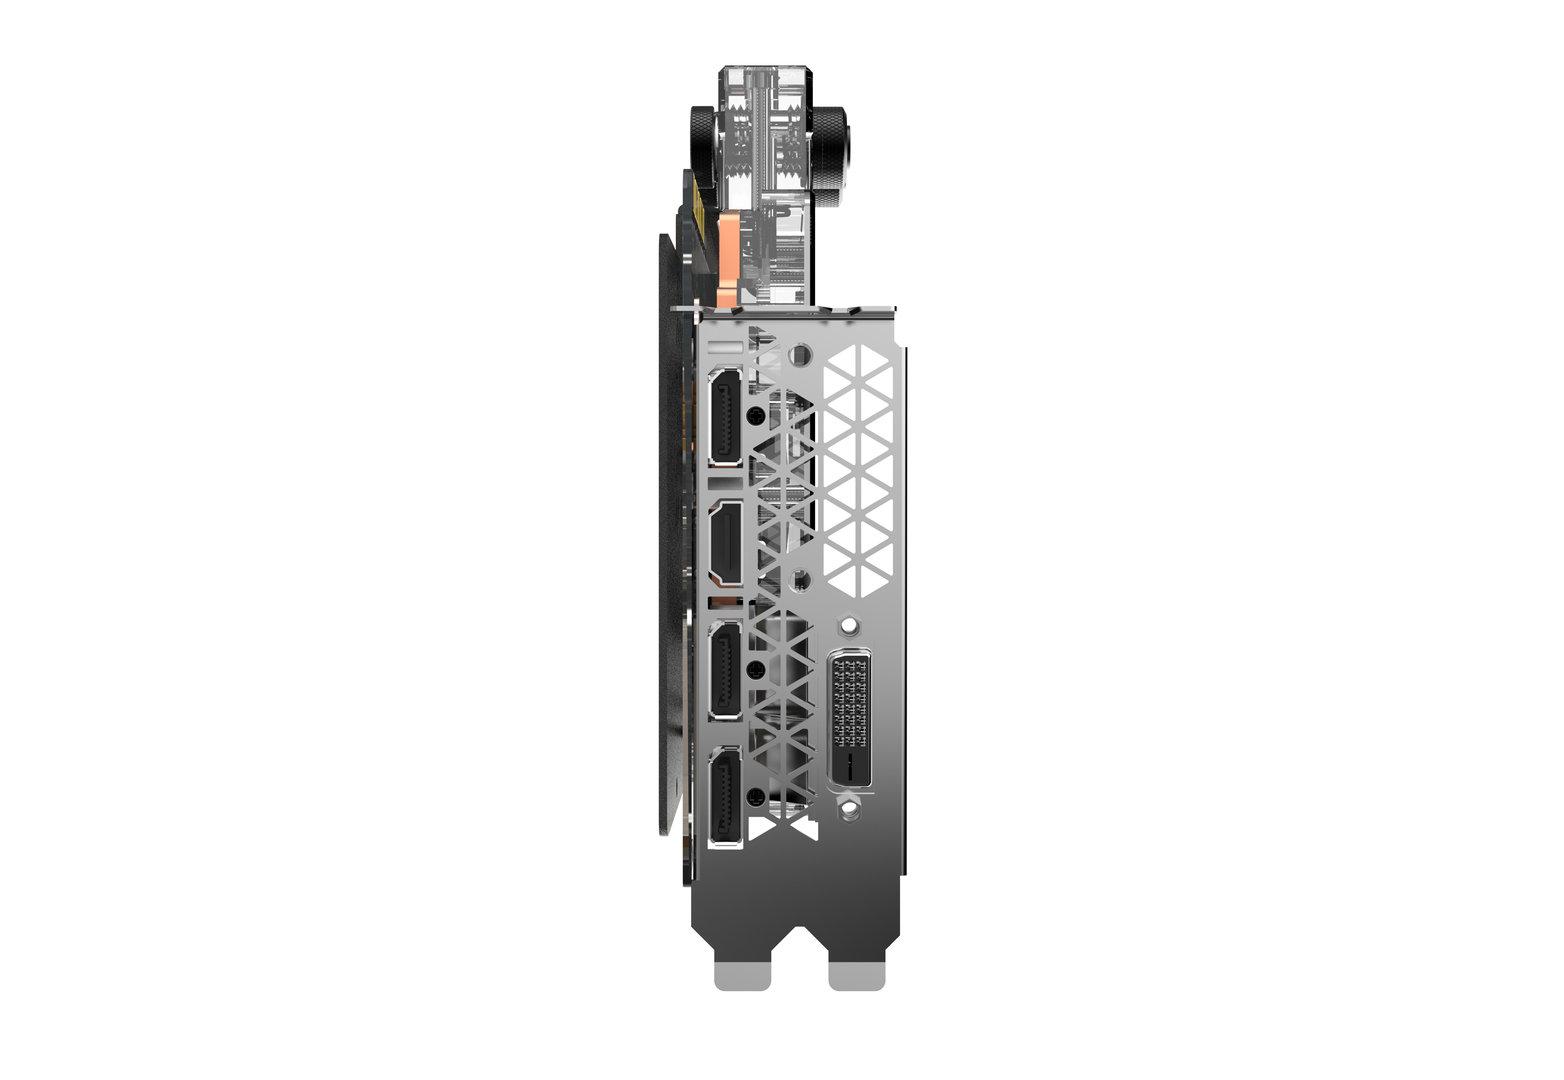 Zotac GeForce GTX 1080 ArcticStorm Sonderedition